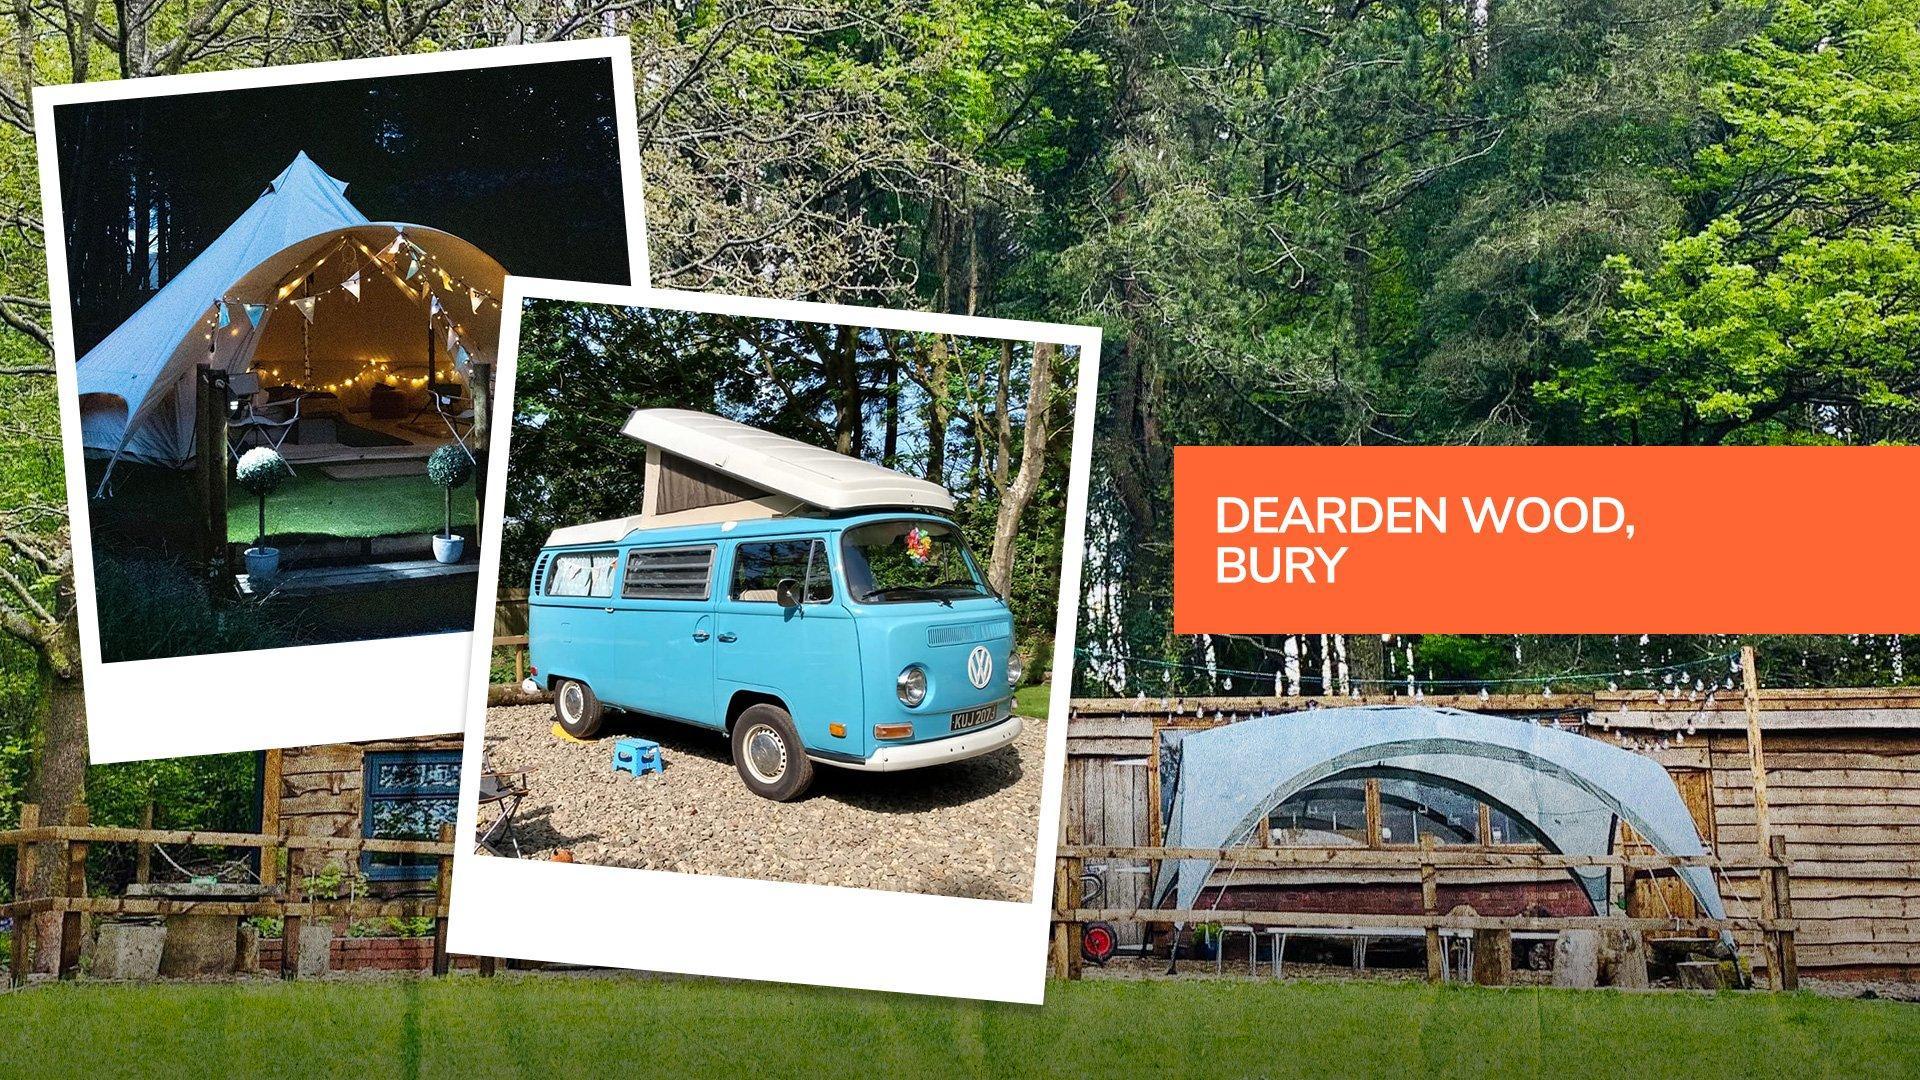 Dearden Wood, a hidden gem campsite in Bury, Greater Manchester